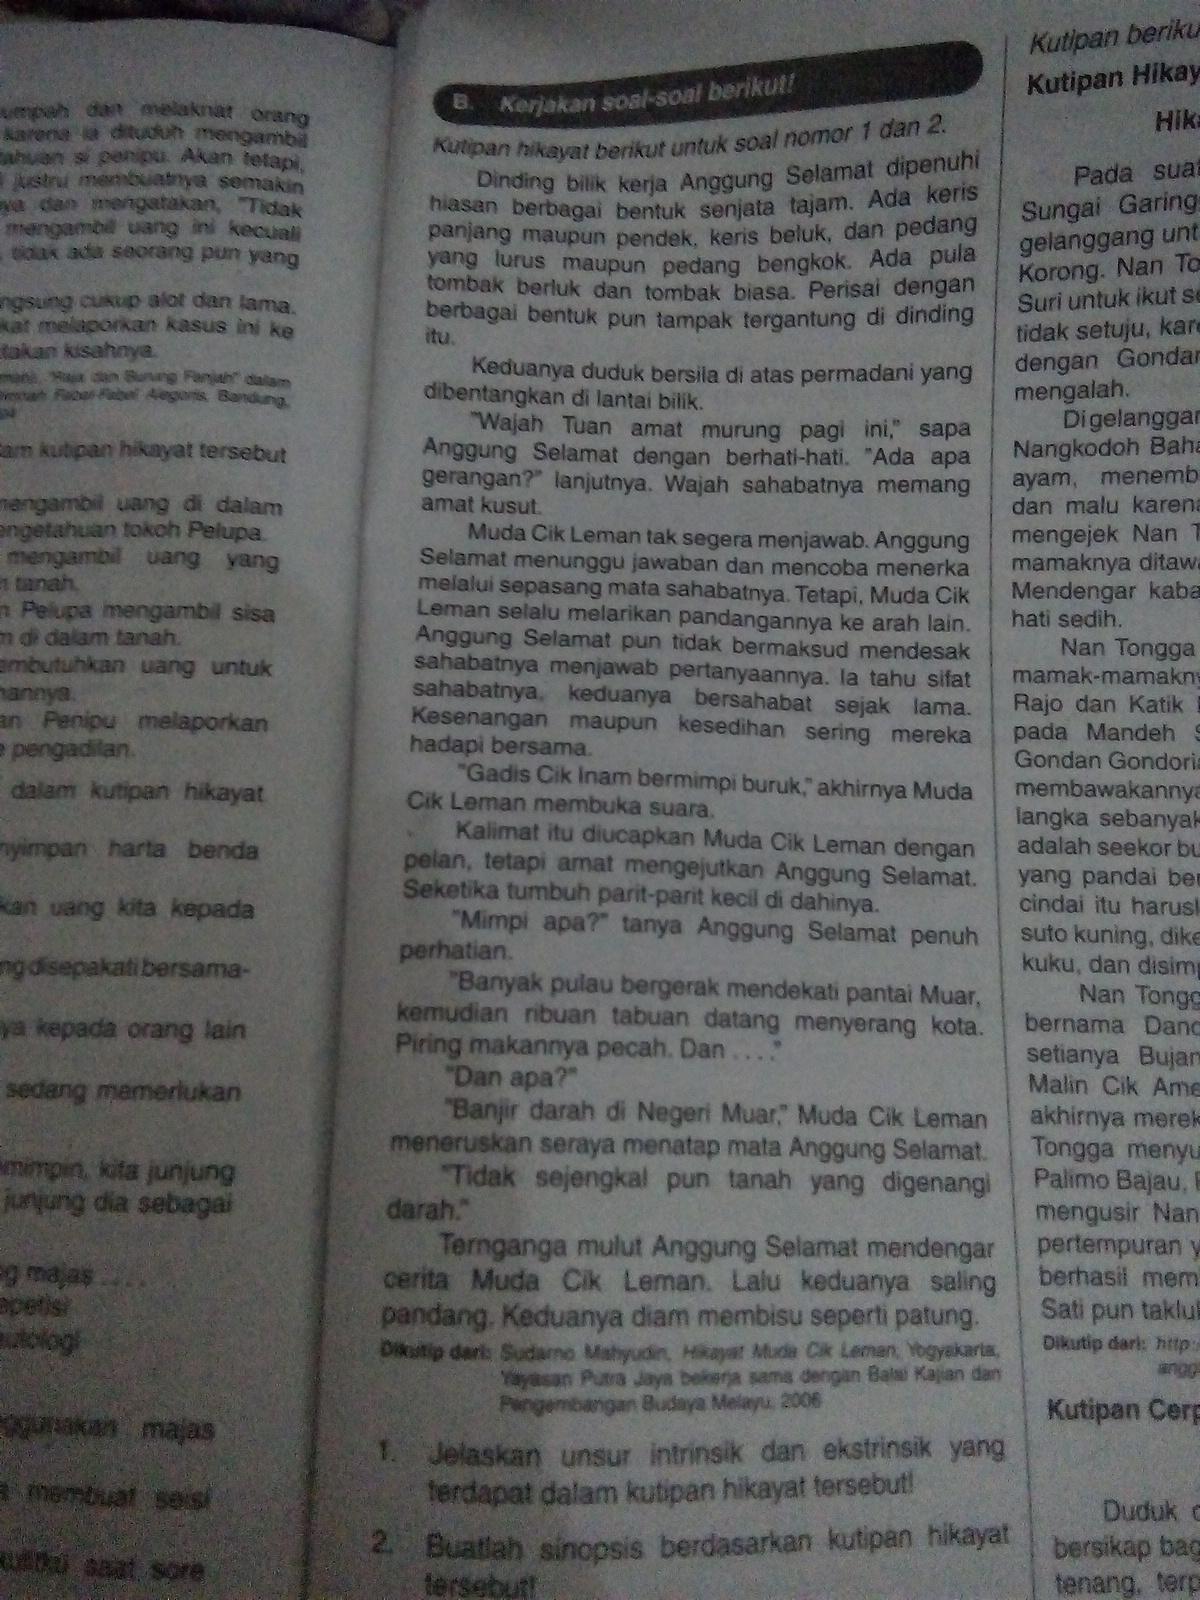 Unsur Ekstrinsik Hikayat : unsur, ekstrinsik, hikayat, Jelaskan, Unsur, Intrinsik, Ekstrinsik, Terdapat, Dalam, Kutipan, Hikayat, Tersebut, Brainly.co.id